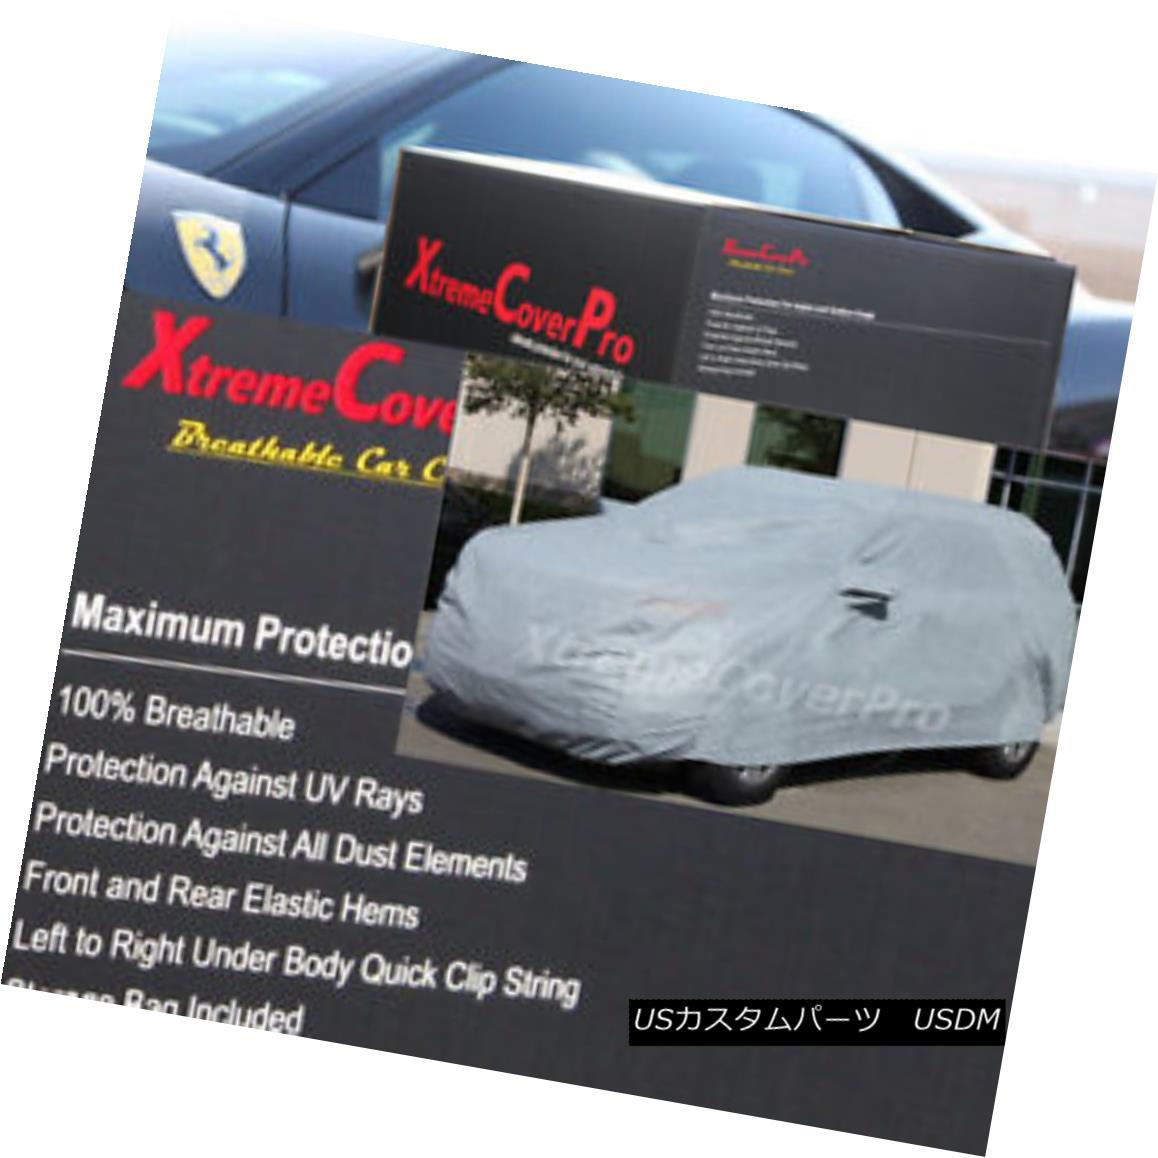 カーカバー 2014 TOYOTA Venza Breathable Car Cover w/ Mirror Pocket 2014 TOYOTA Venza通気性車カバー(ミラーポケット付)